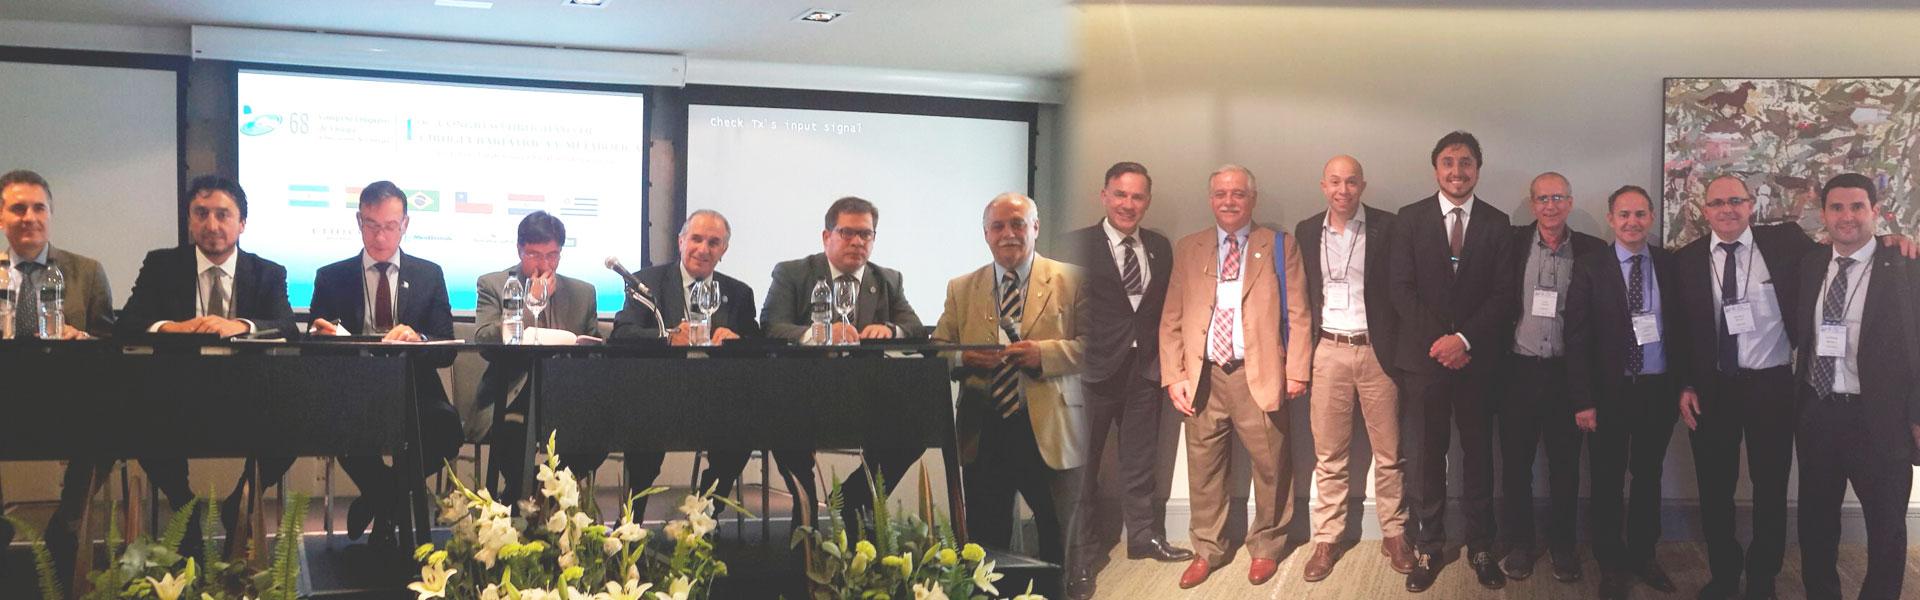 Sucbm Sociedad Uruguaya De Cirug A Bari Trica Y